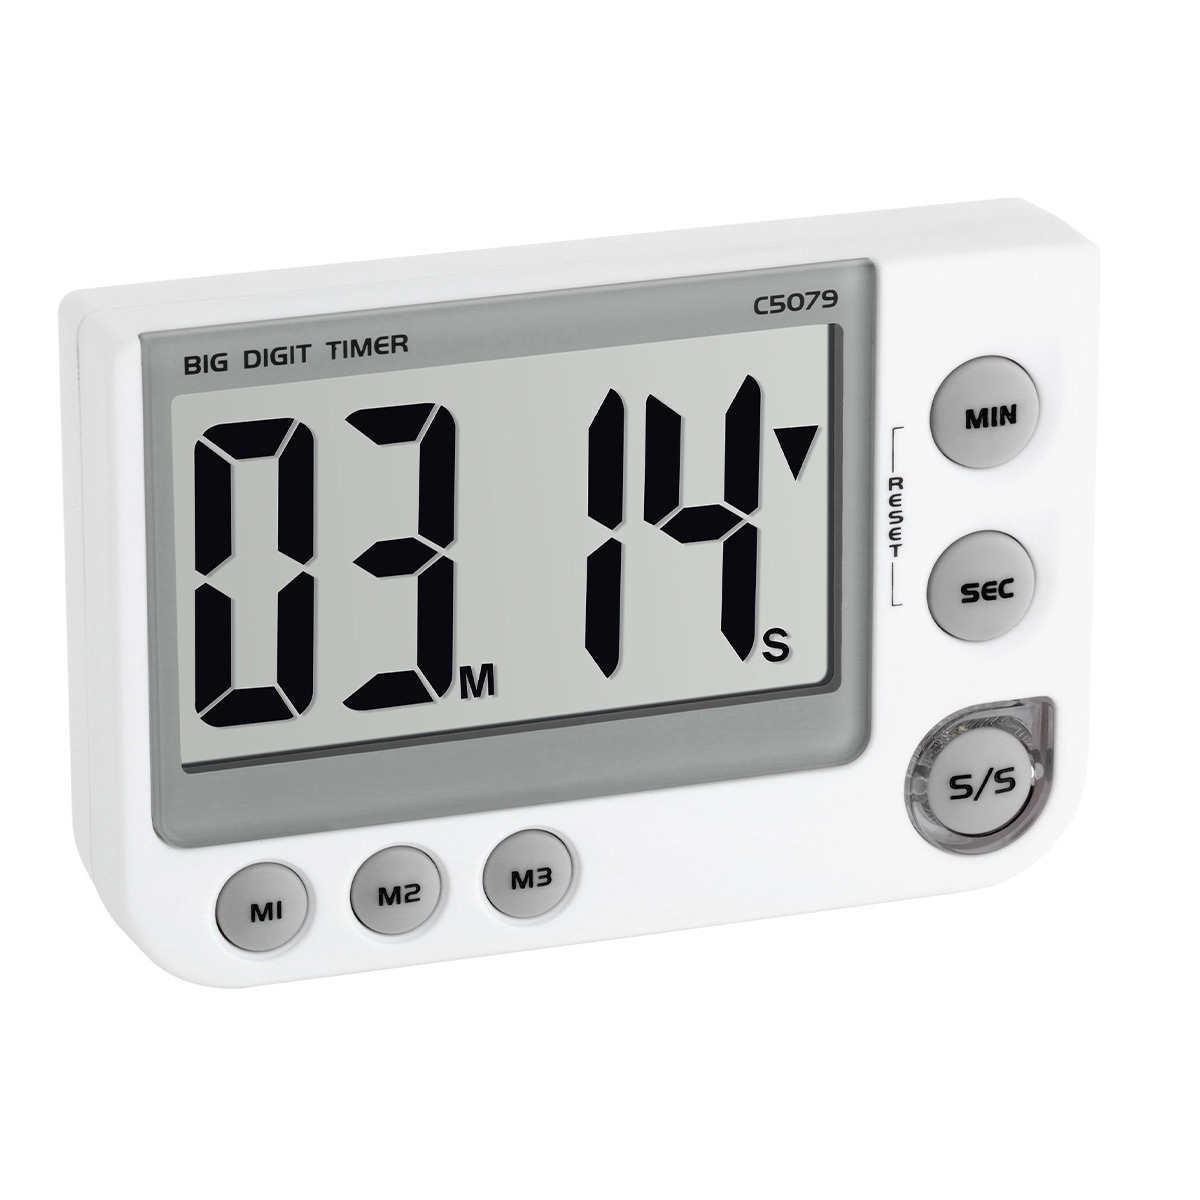 38-2024-digitaler-timer-stoppuhr-1200x1200px.jpg